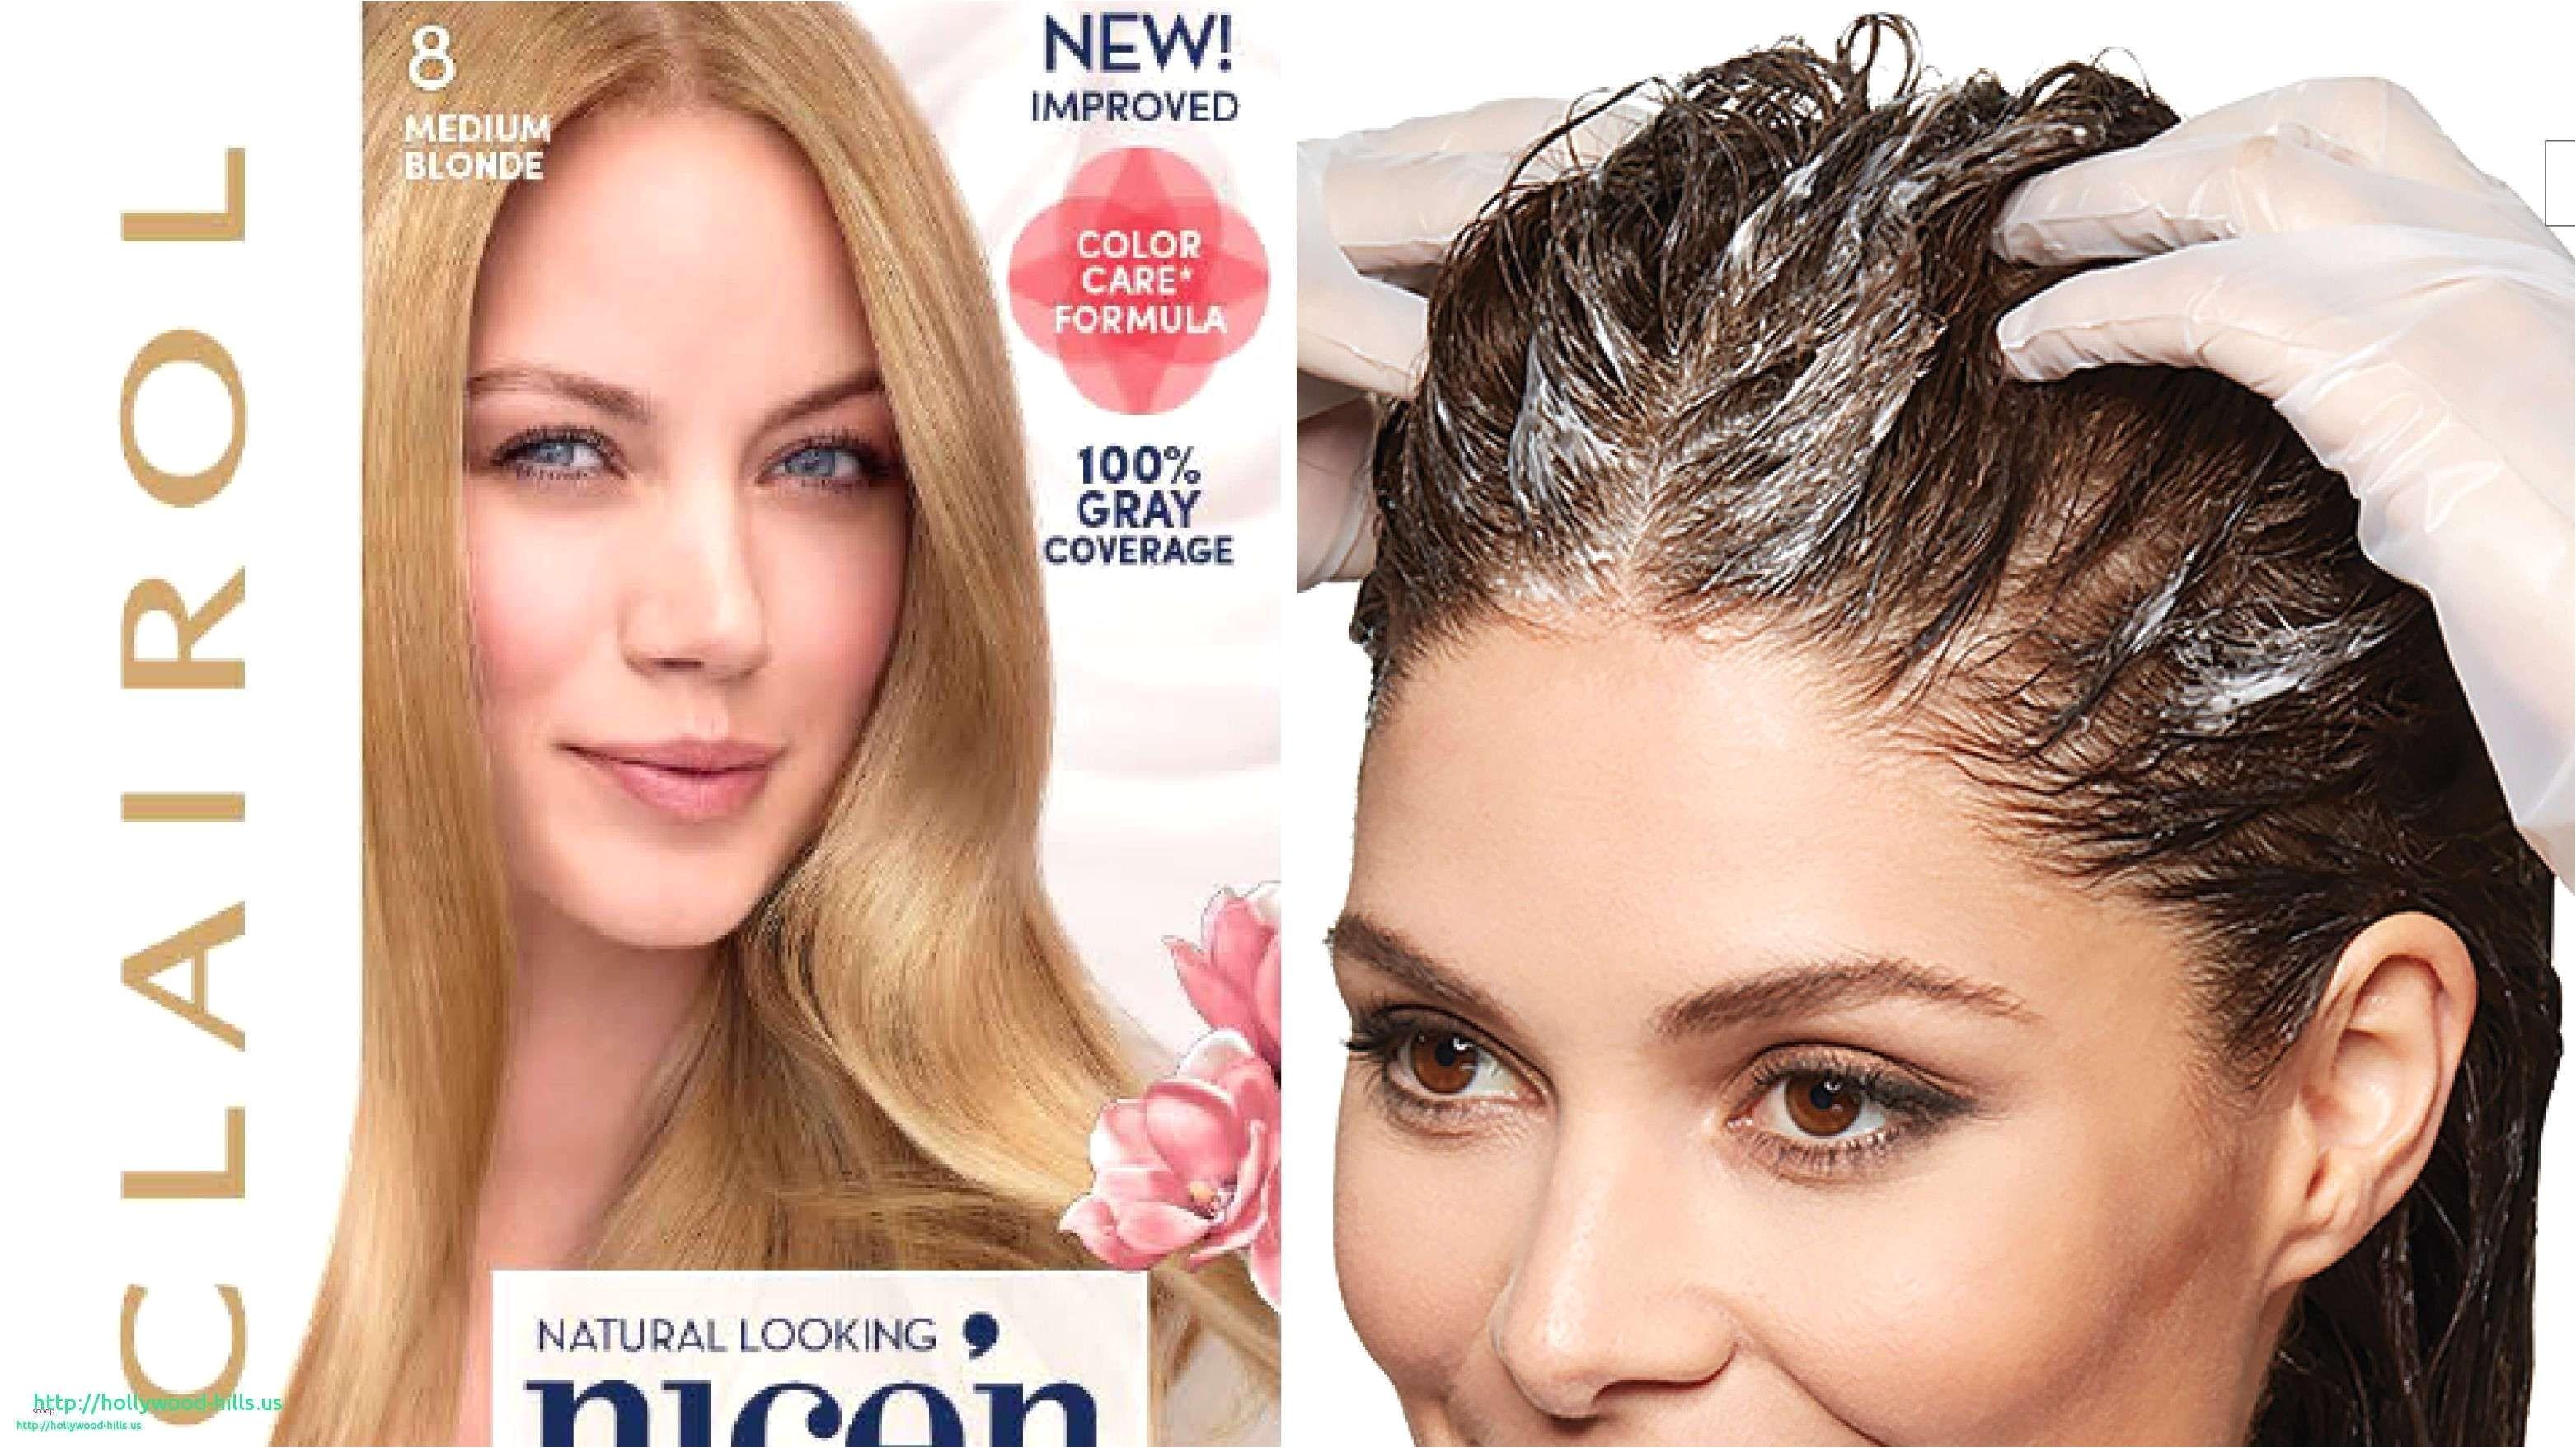 years old girl sample Hair Dye Styles Beautiful I Pinimg 1200x 0d 60 8a 0d608a58a4bb3ed3b As Well Straight Hair Types